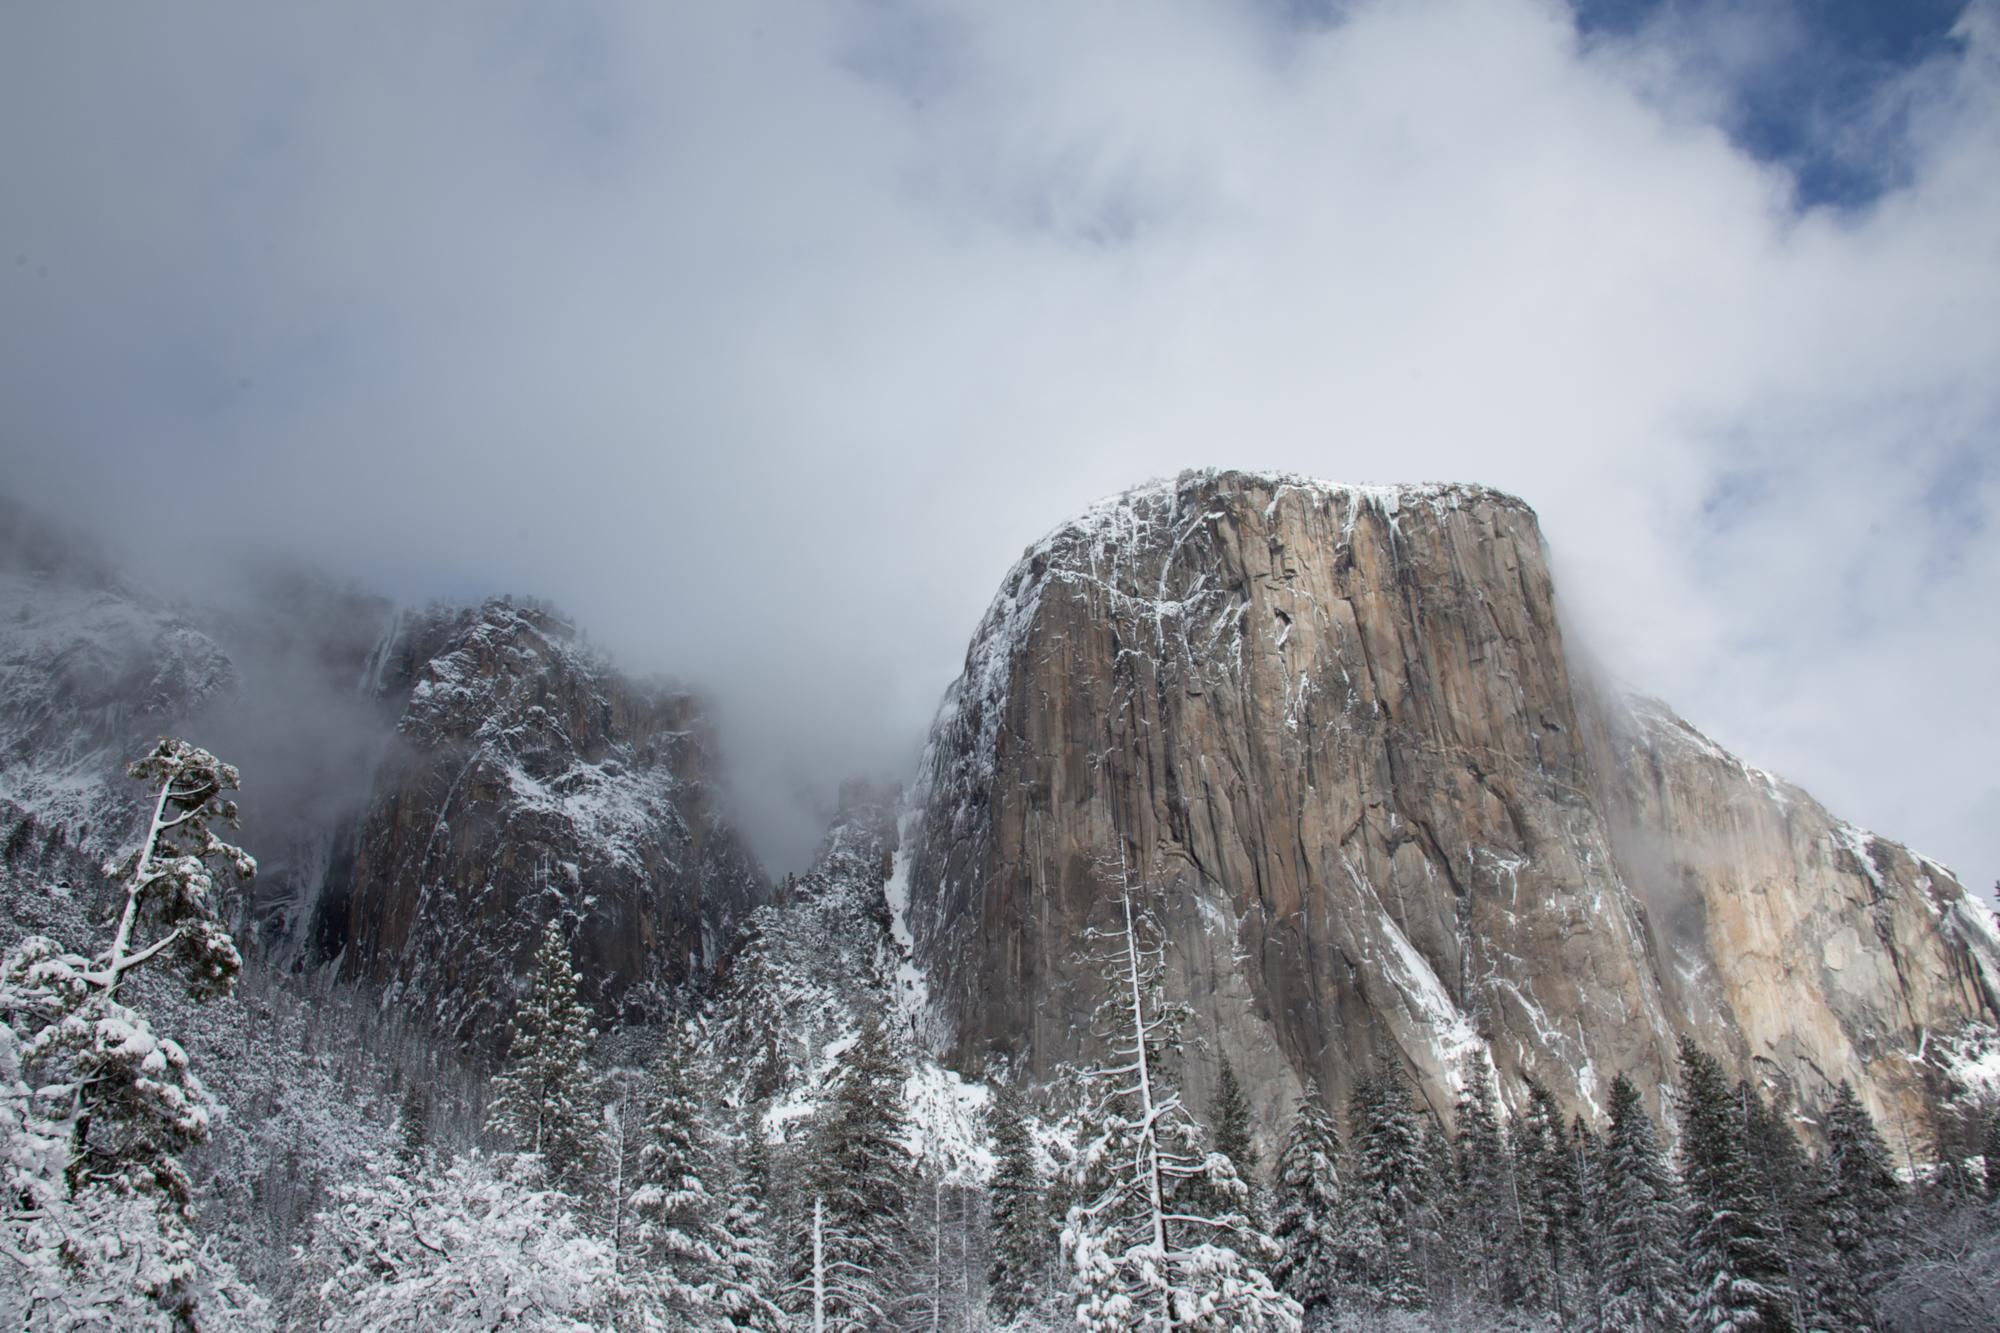 2019-02 Yosemite-1.jpg